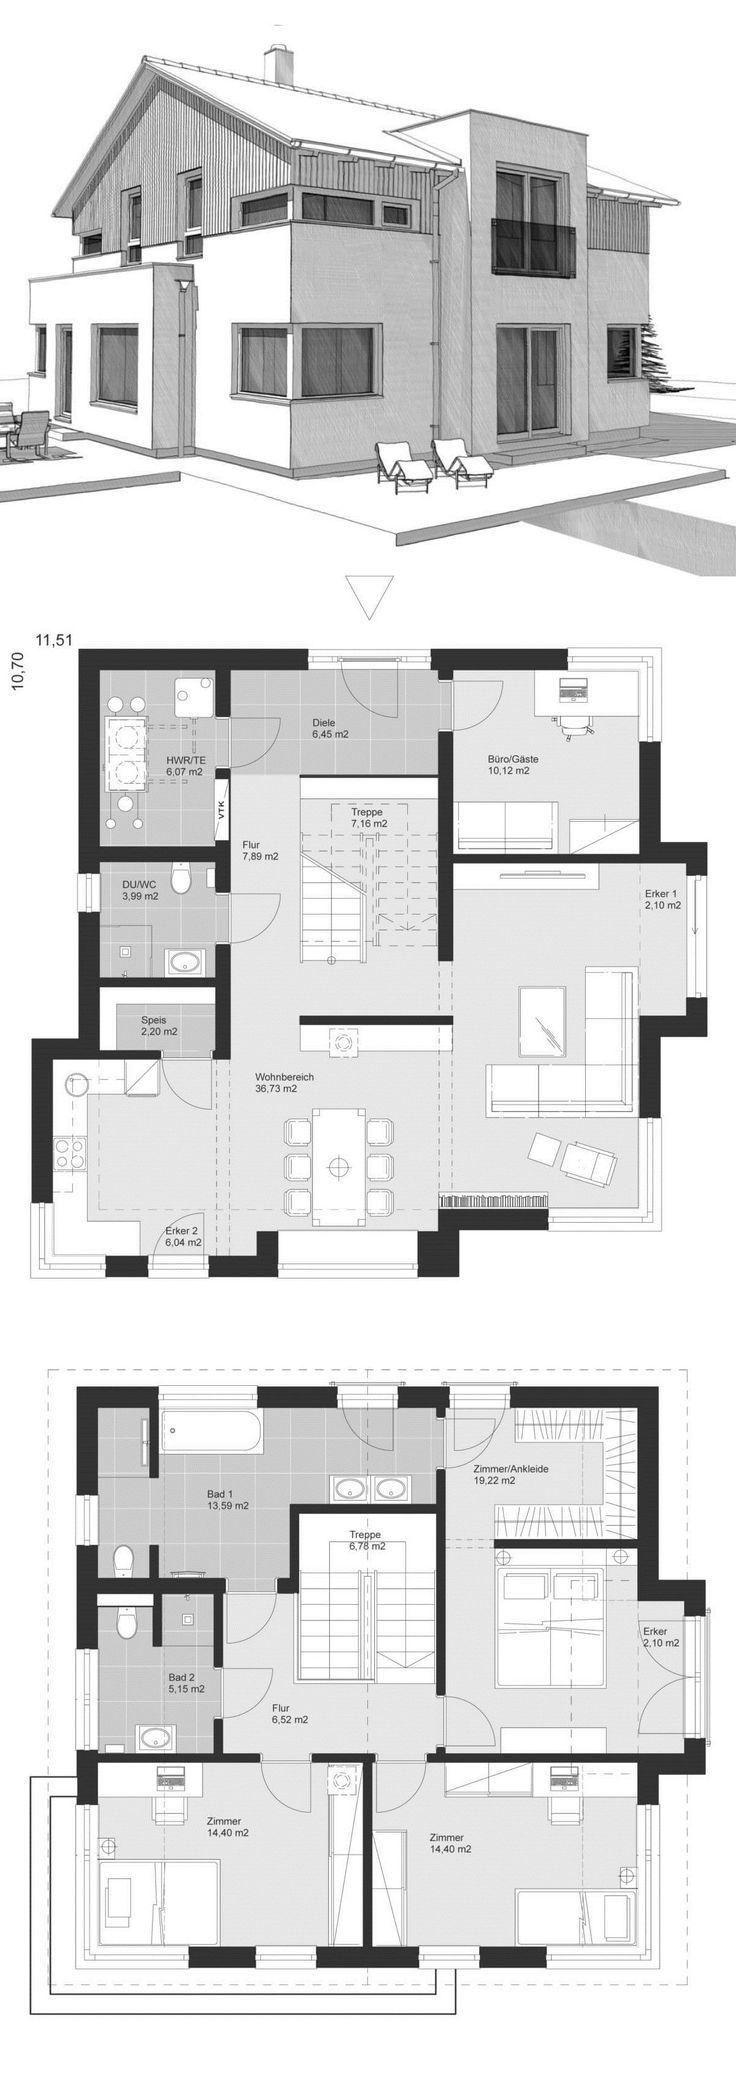 Einfamilienhaus Neubau im Landhausstil mit Satteldach Architektur, Holz Fassade ... - HausbauDirekt #holzbauen